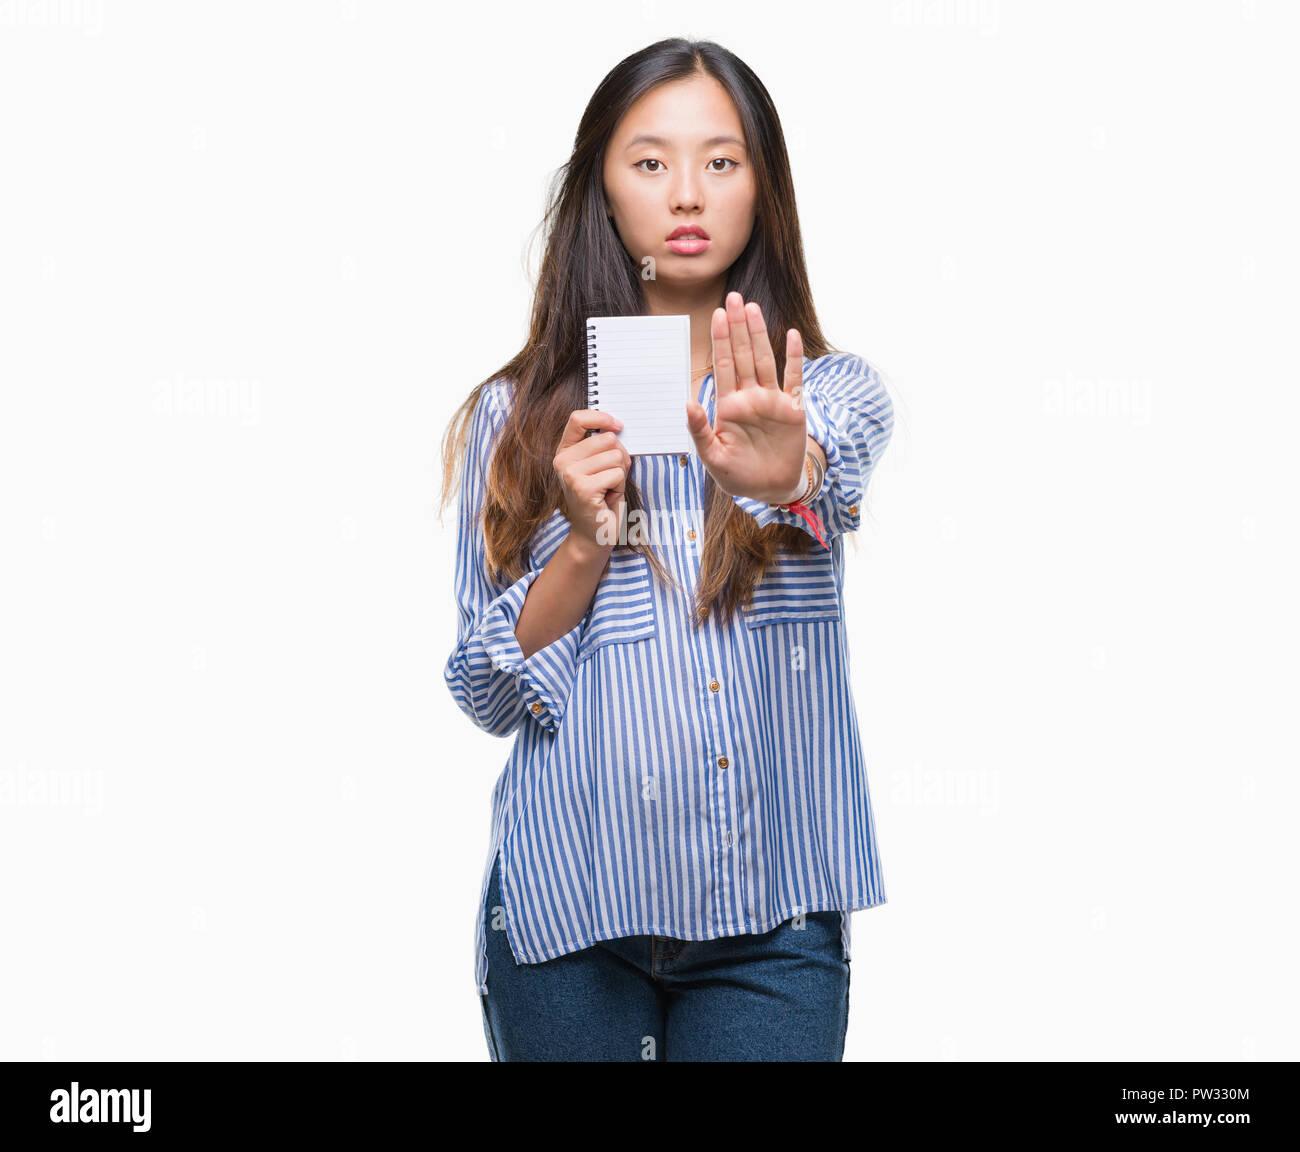 Young Asian woman holding notebook sur fond isolé avec main ouverte faisant stop avec de sérieux et de confiance, l'expression gestuelle de la défense Banque D'Images